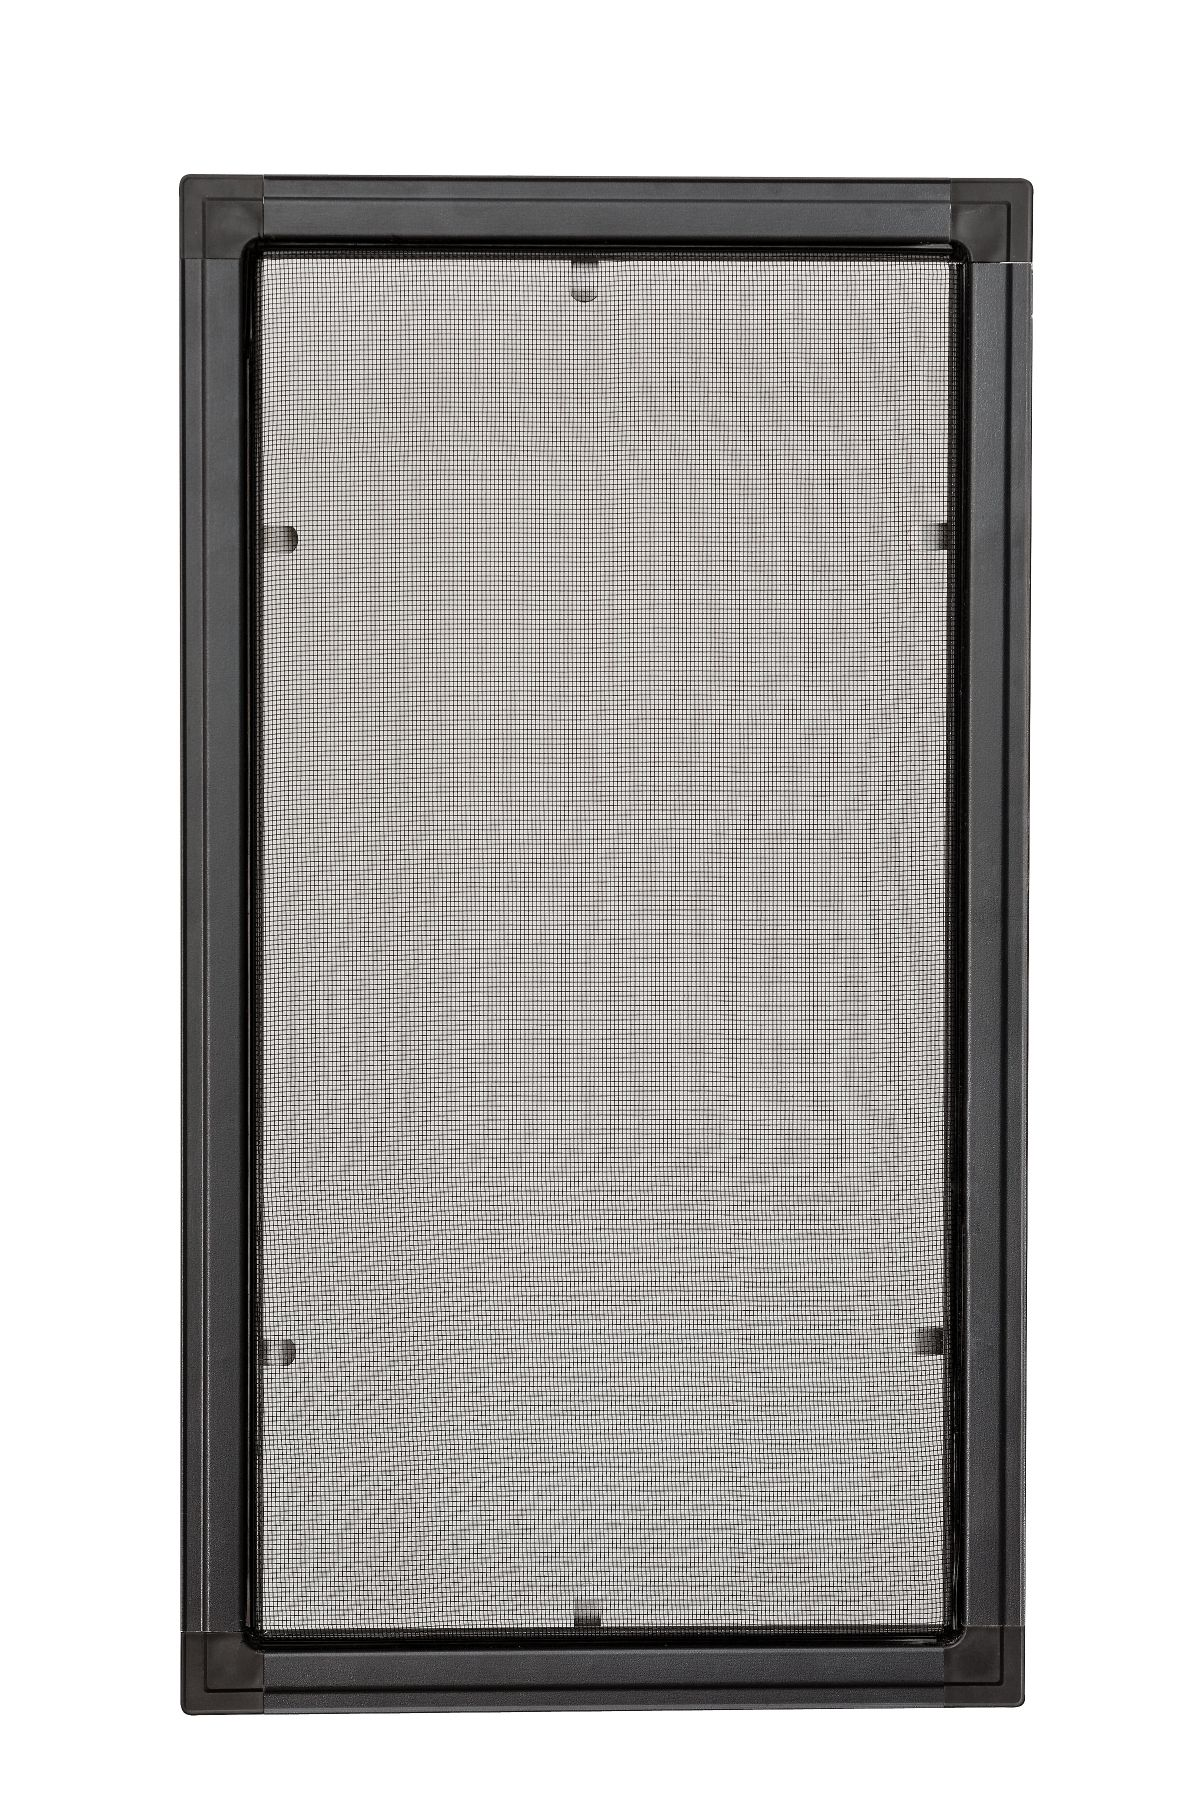 Moskitiery okienne Moskitiera ramkowa - antracyt, siatka czarna